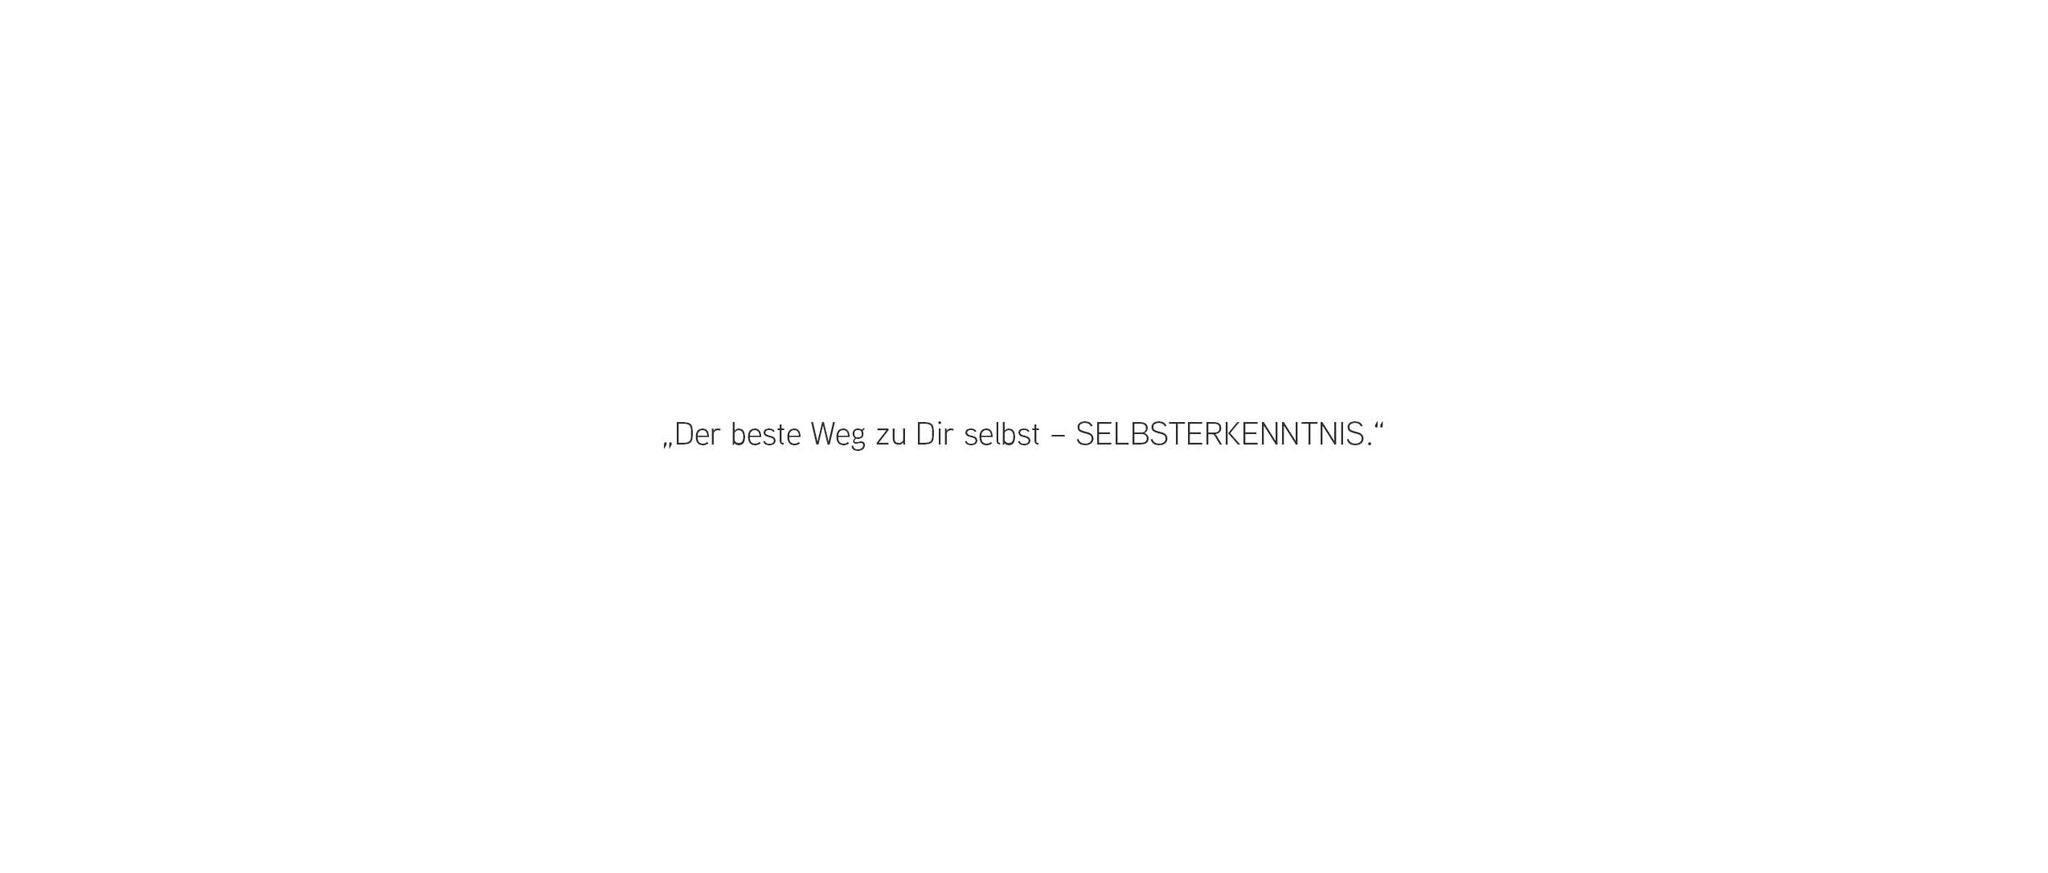 Atemraum Allgäu, Atemarbeit, Atembehandlungen, Einzelbehandlungen, Gruppen, Atemgruppen. Eva-Maria Gehring, Atemtherapie, Allgäu, Burgberg